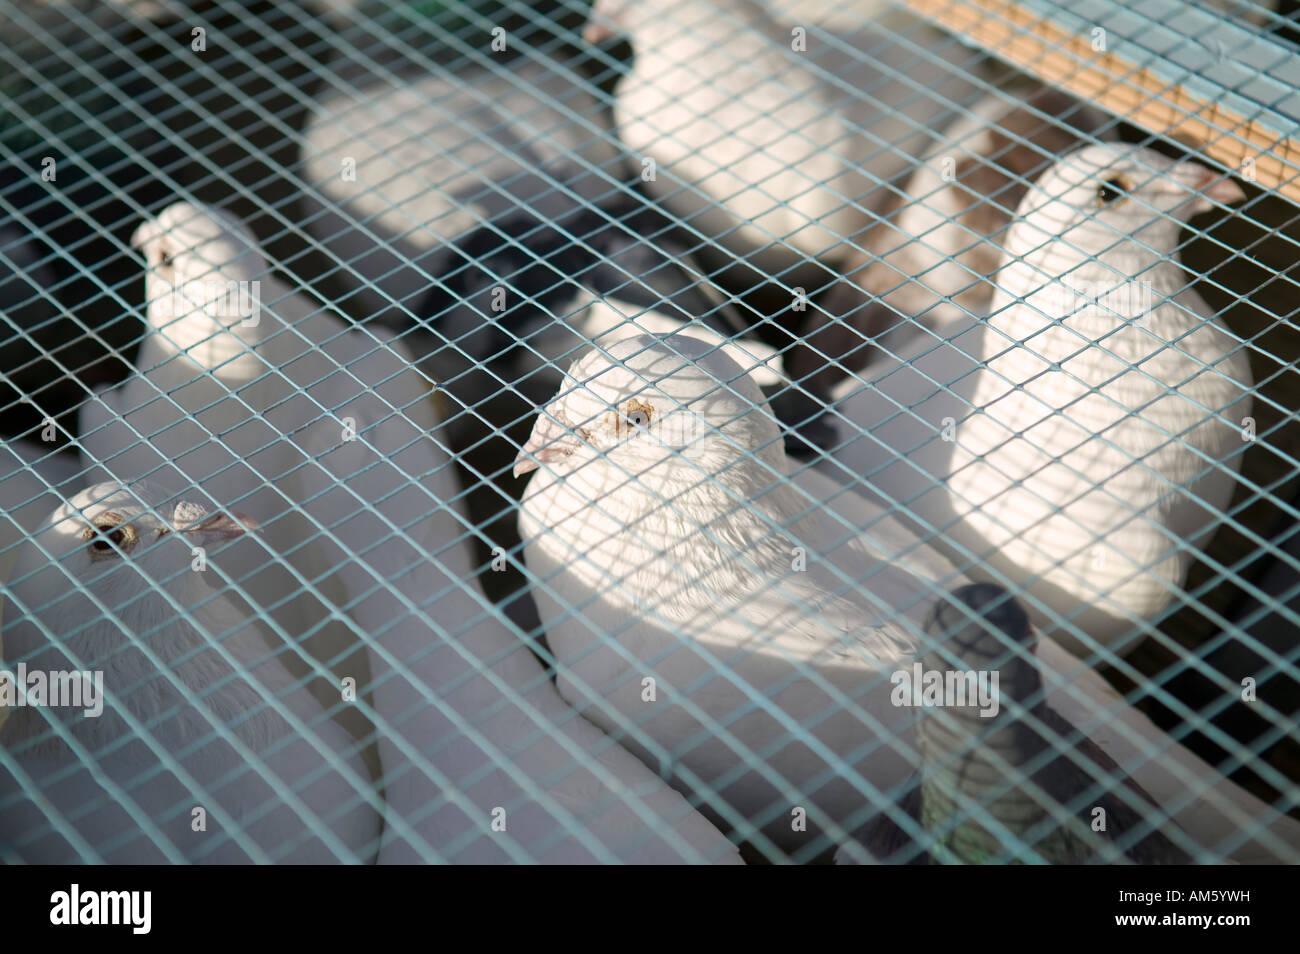 Colombe bianche in una gabbia prima di un rilascio 1 Dicembre 2007 Immagini Stock